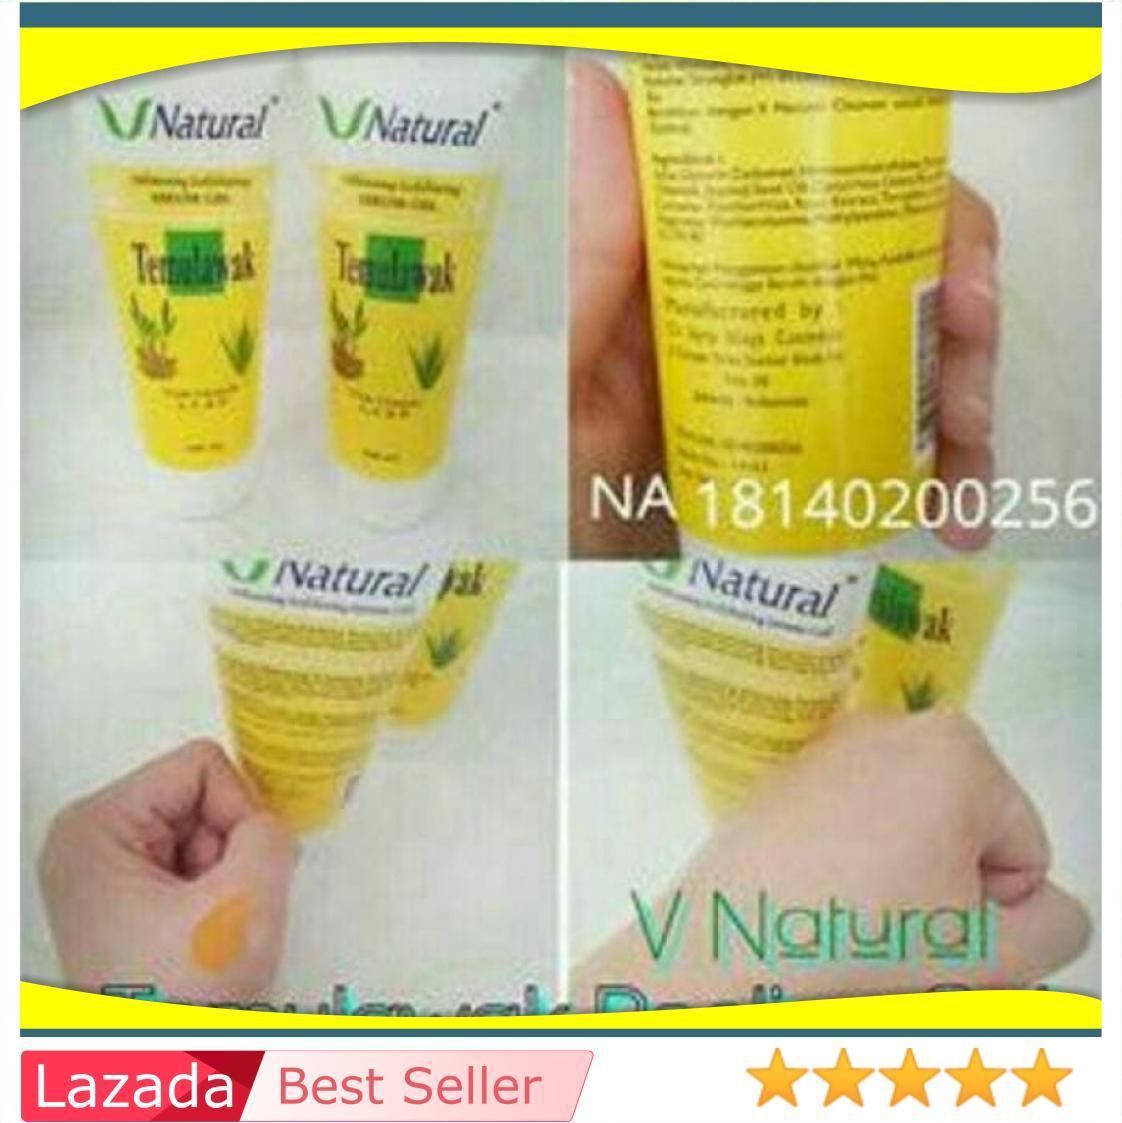 Serum Gel Temulawak / Peeling / Penghilang Daki V Natural Bpom Ori / Produk Kecantikan Kesehatan Wanita Kesehatan Wanita / Vitamin Suplemen / Suplemen Kesehatan Wanita